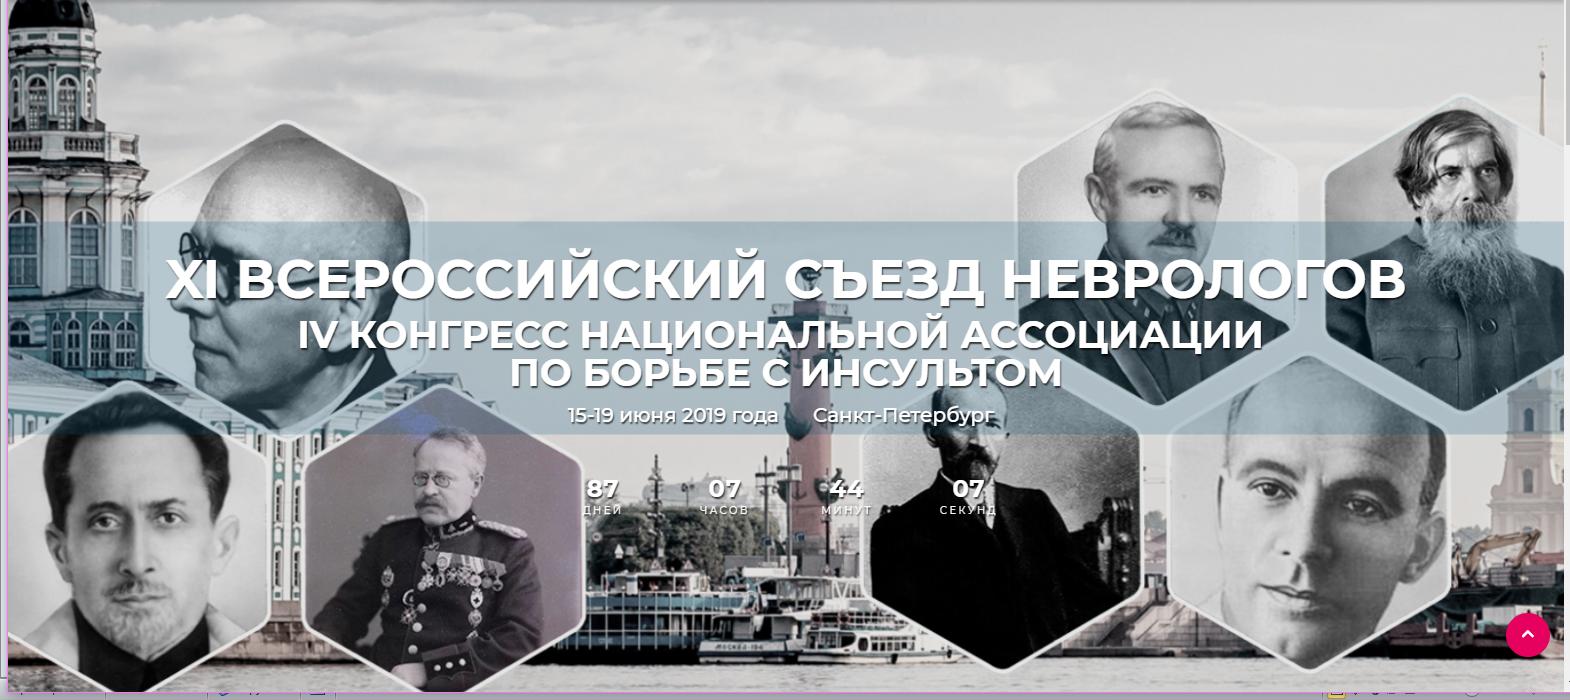 XI Всероссийский съезд неврологов; IV Конгресс национальной ассоциации по борьбе с инсультом